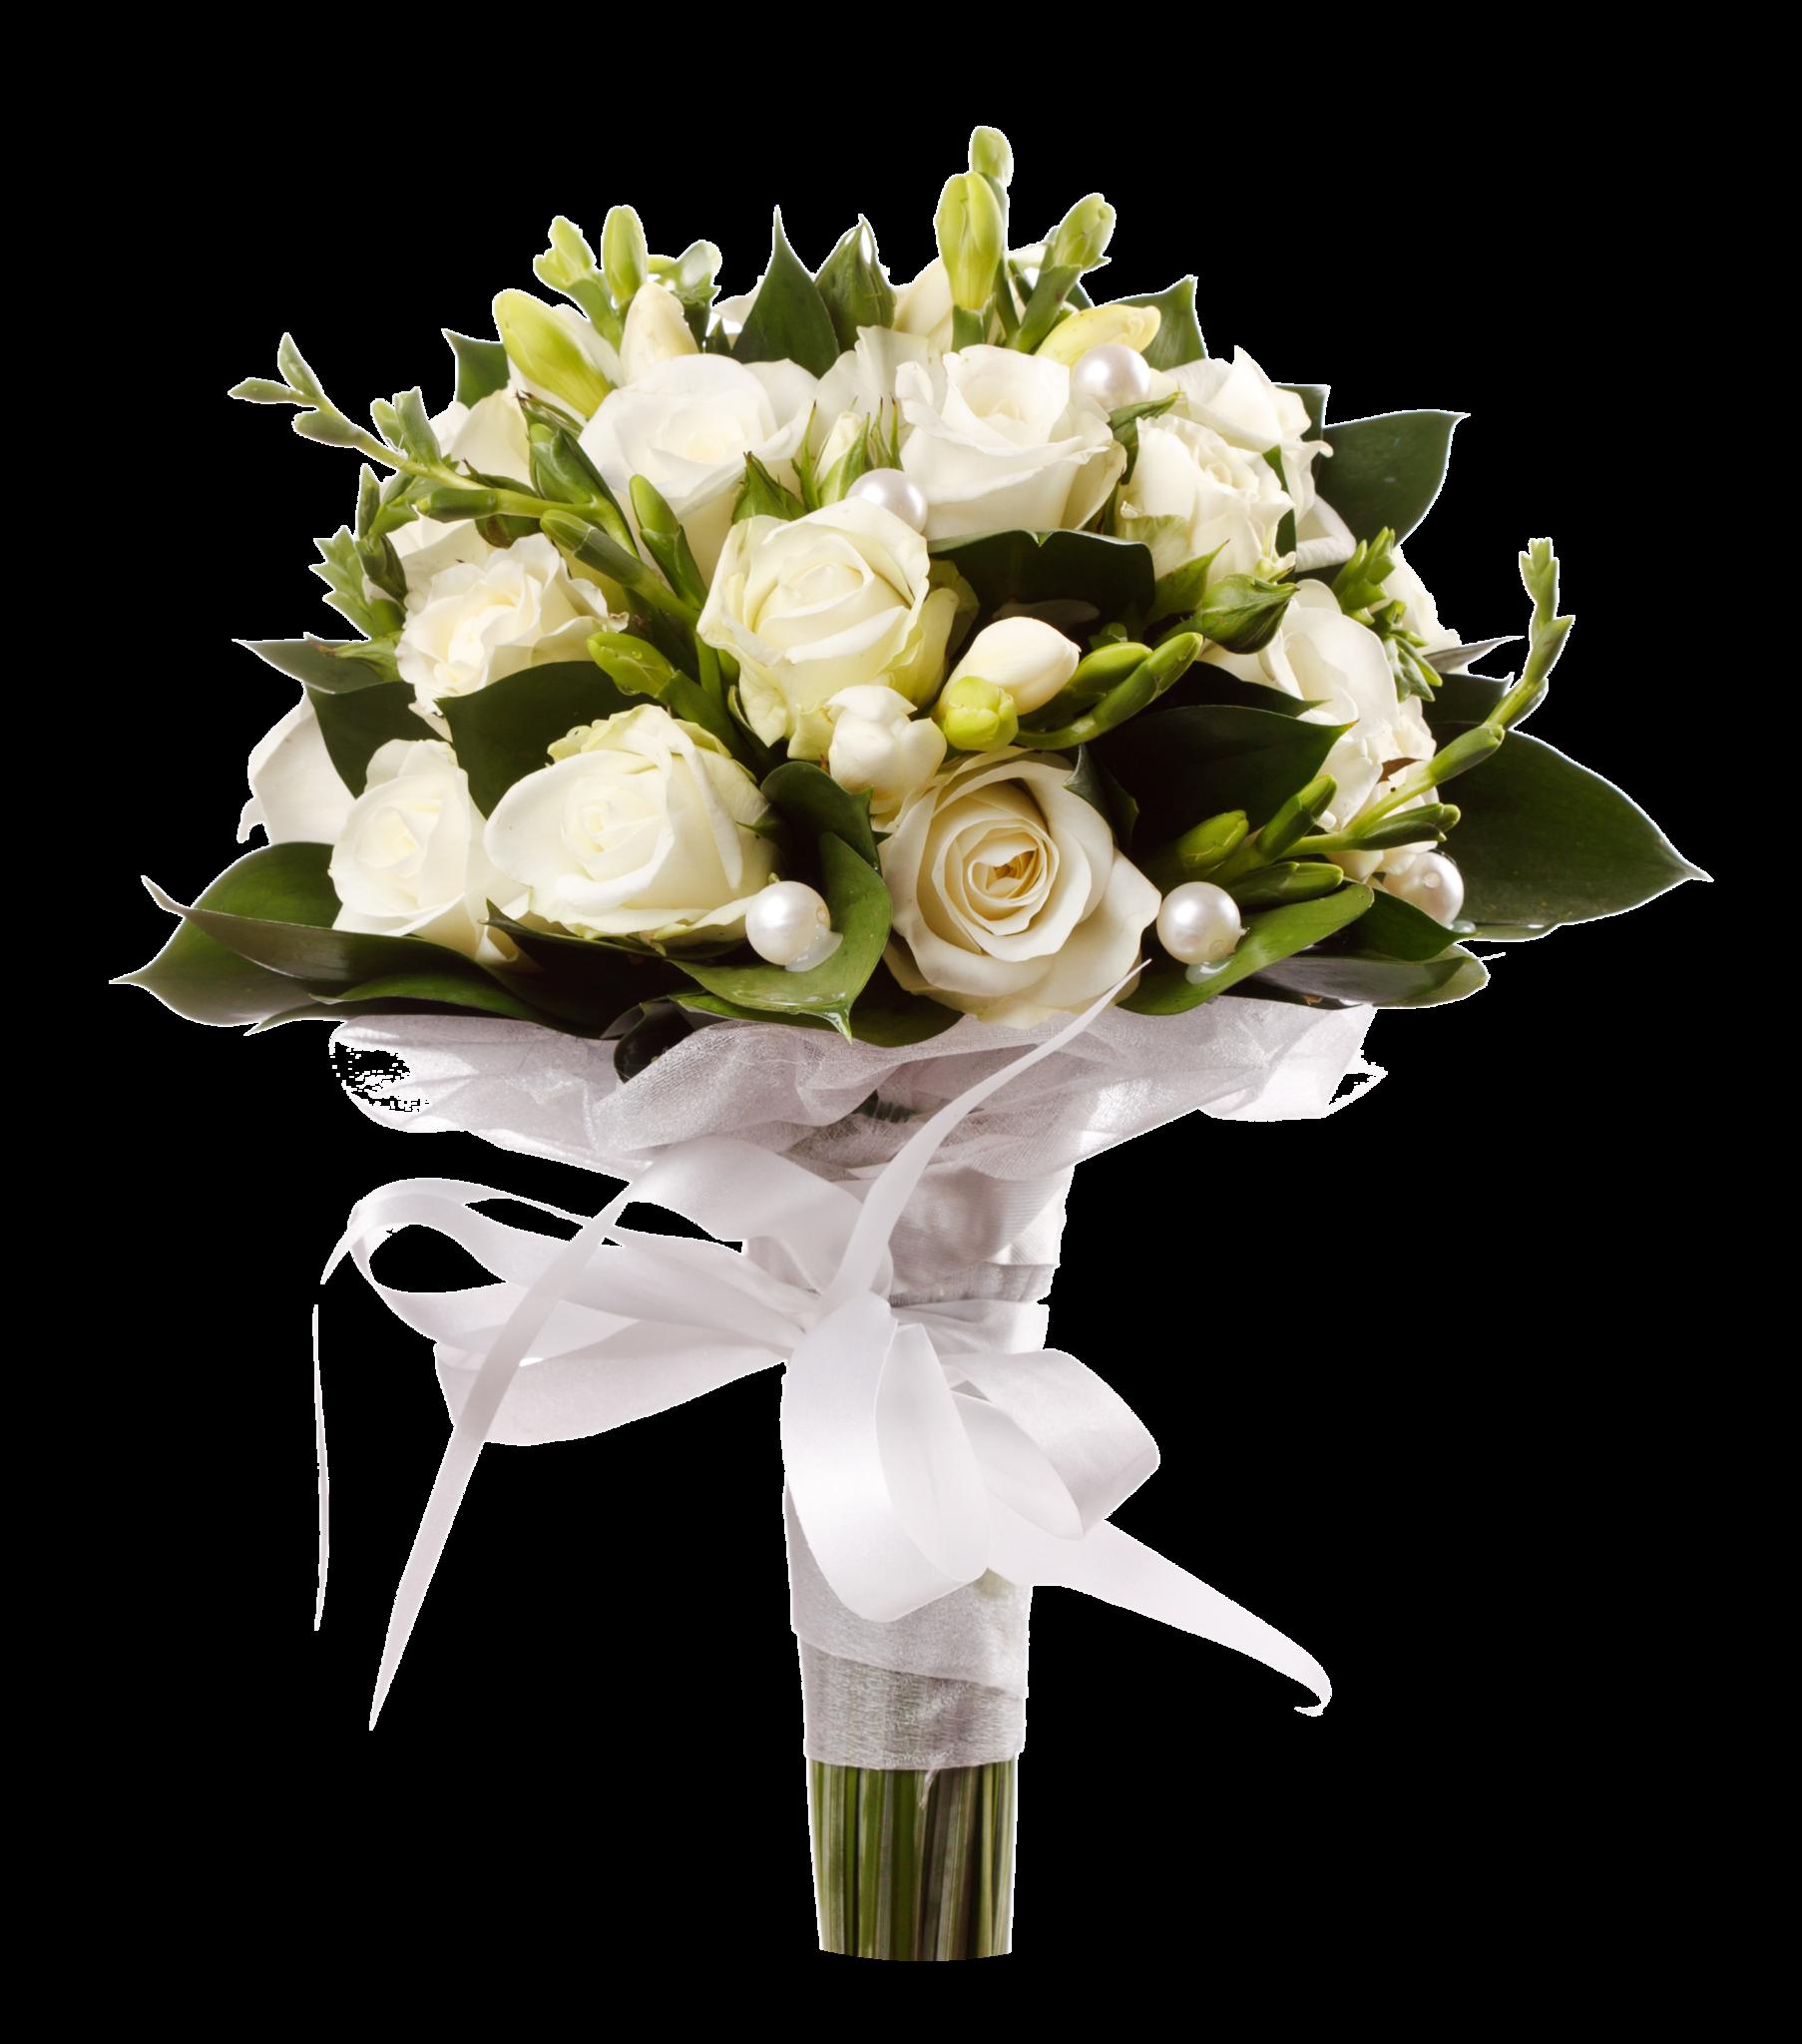 Wedding bouquet clipart transparent background clipart freeuse Wedding Flower bouquet Bride - Wedding flowers PNG png ... clipart freeuse